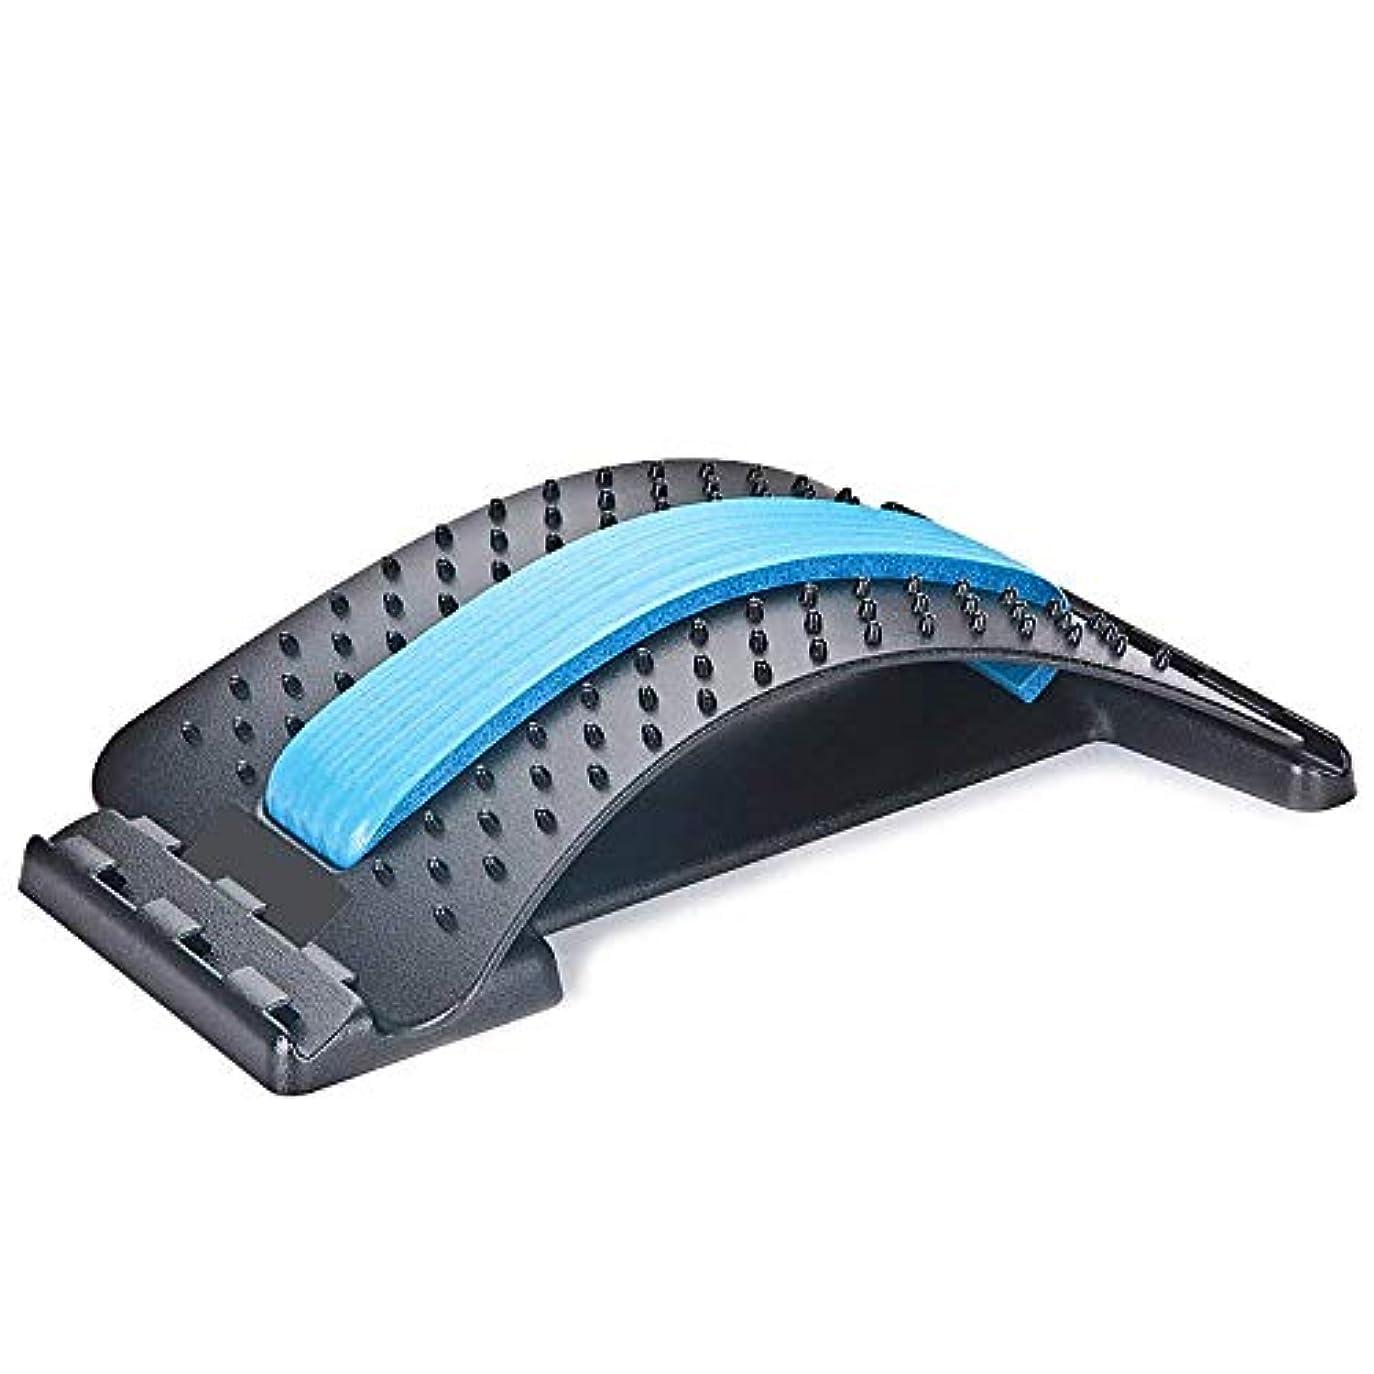 庭園自転車断片マジックバックストレッチャーランバーストレッチングサポートデバイス姿勢矯正器用上下腰痛緩和、バックサポート用オフィスチェアと筋肉の緊張